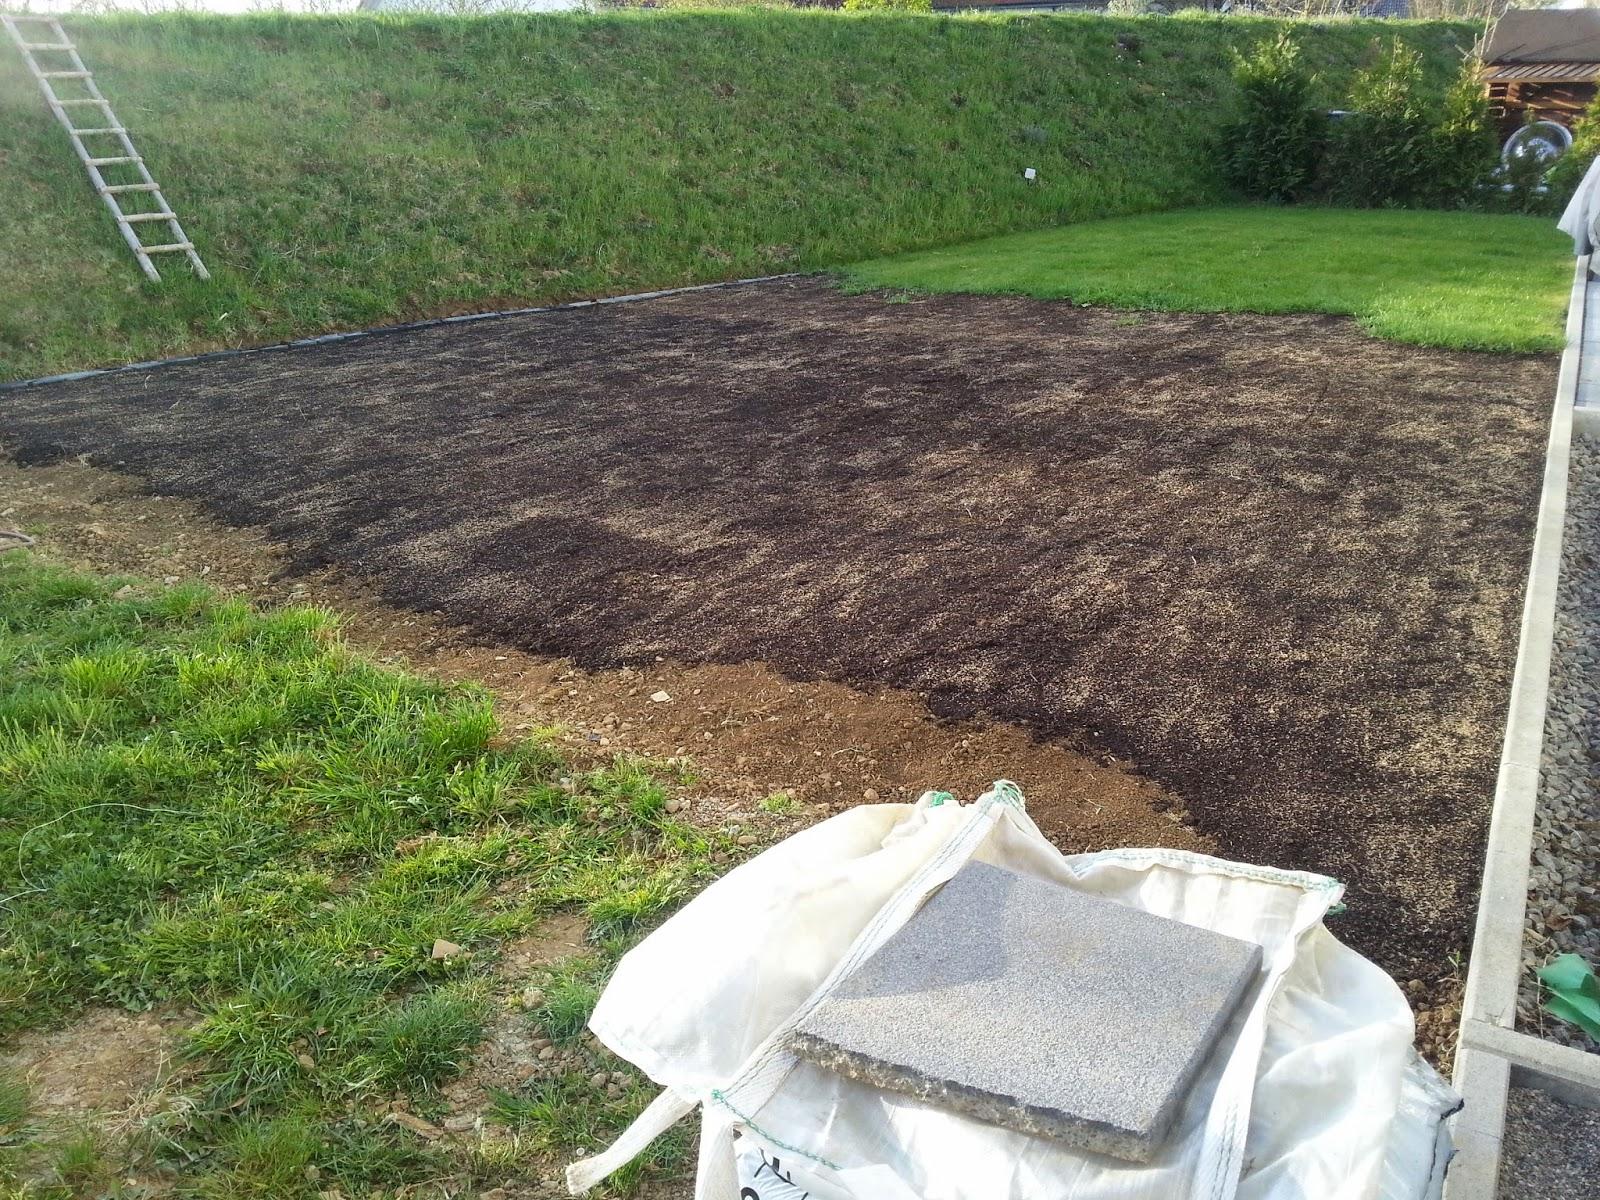 ... Fertighaus Weiss bauen: Und weiter gehts im Garten - Rasen anlegen 2.0